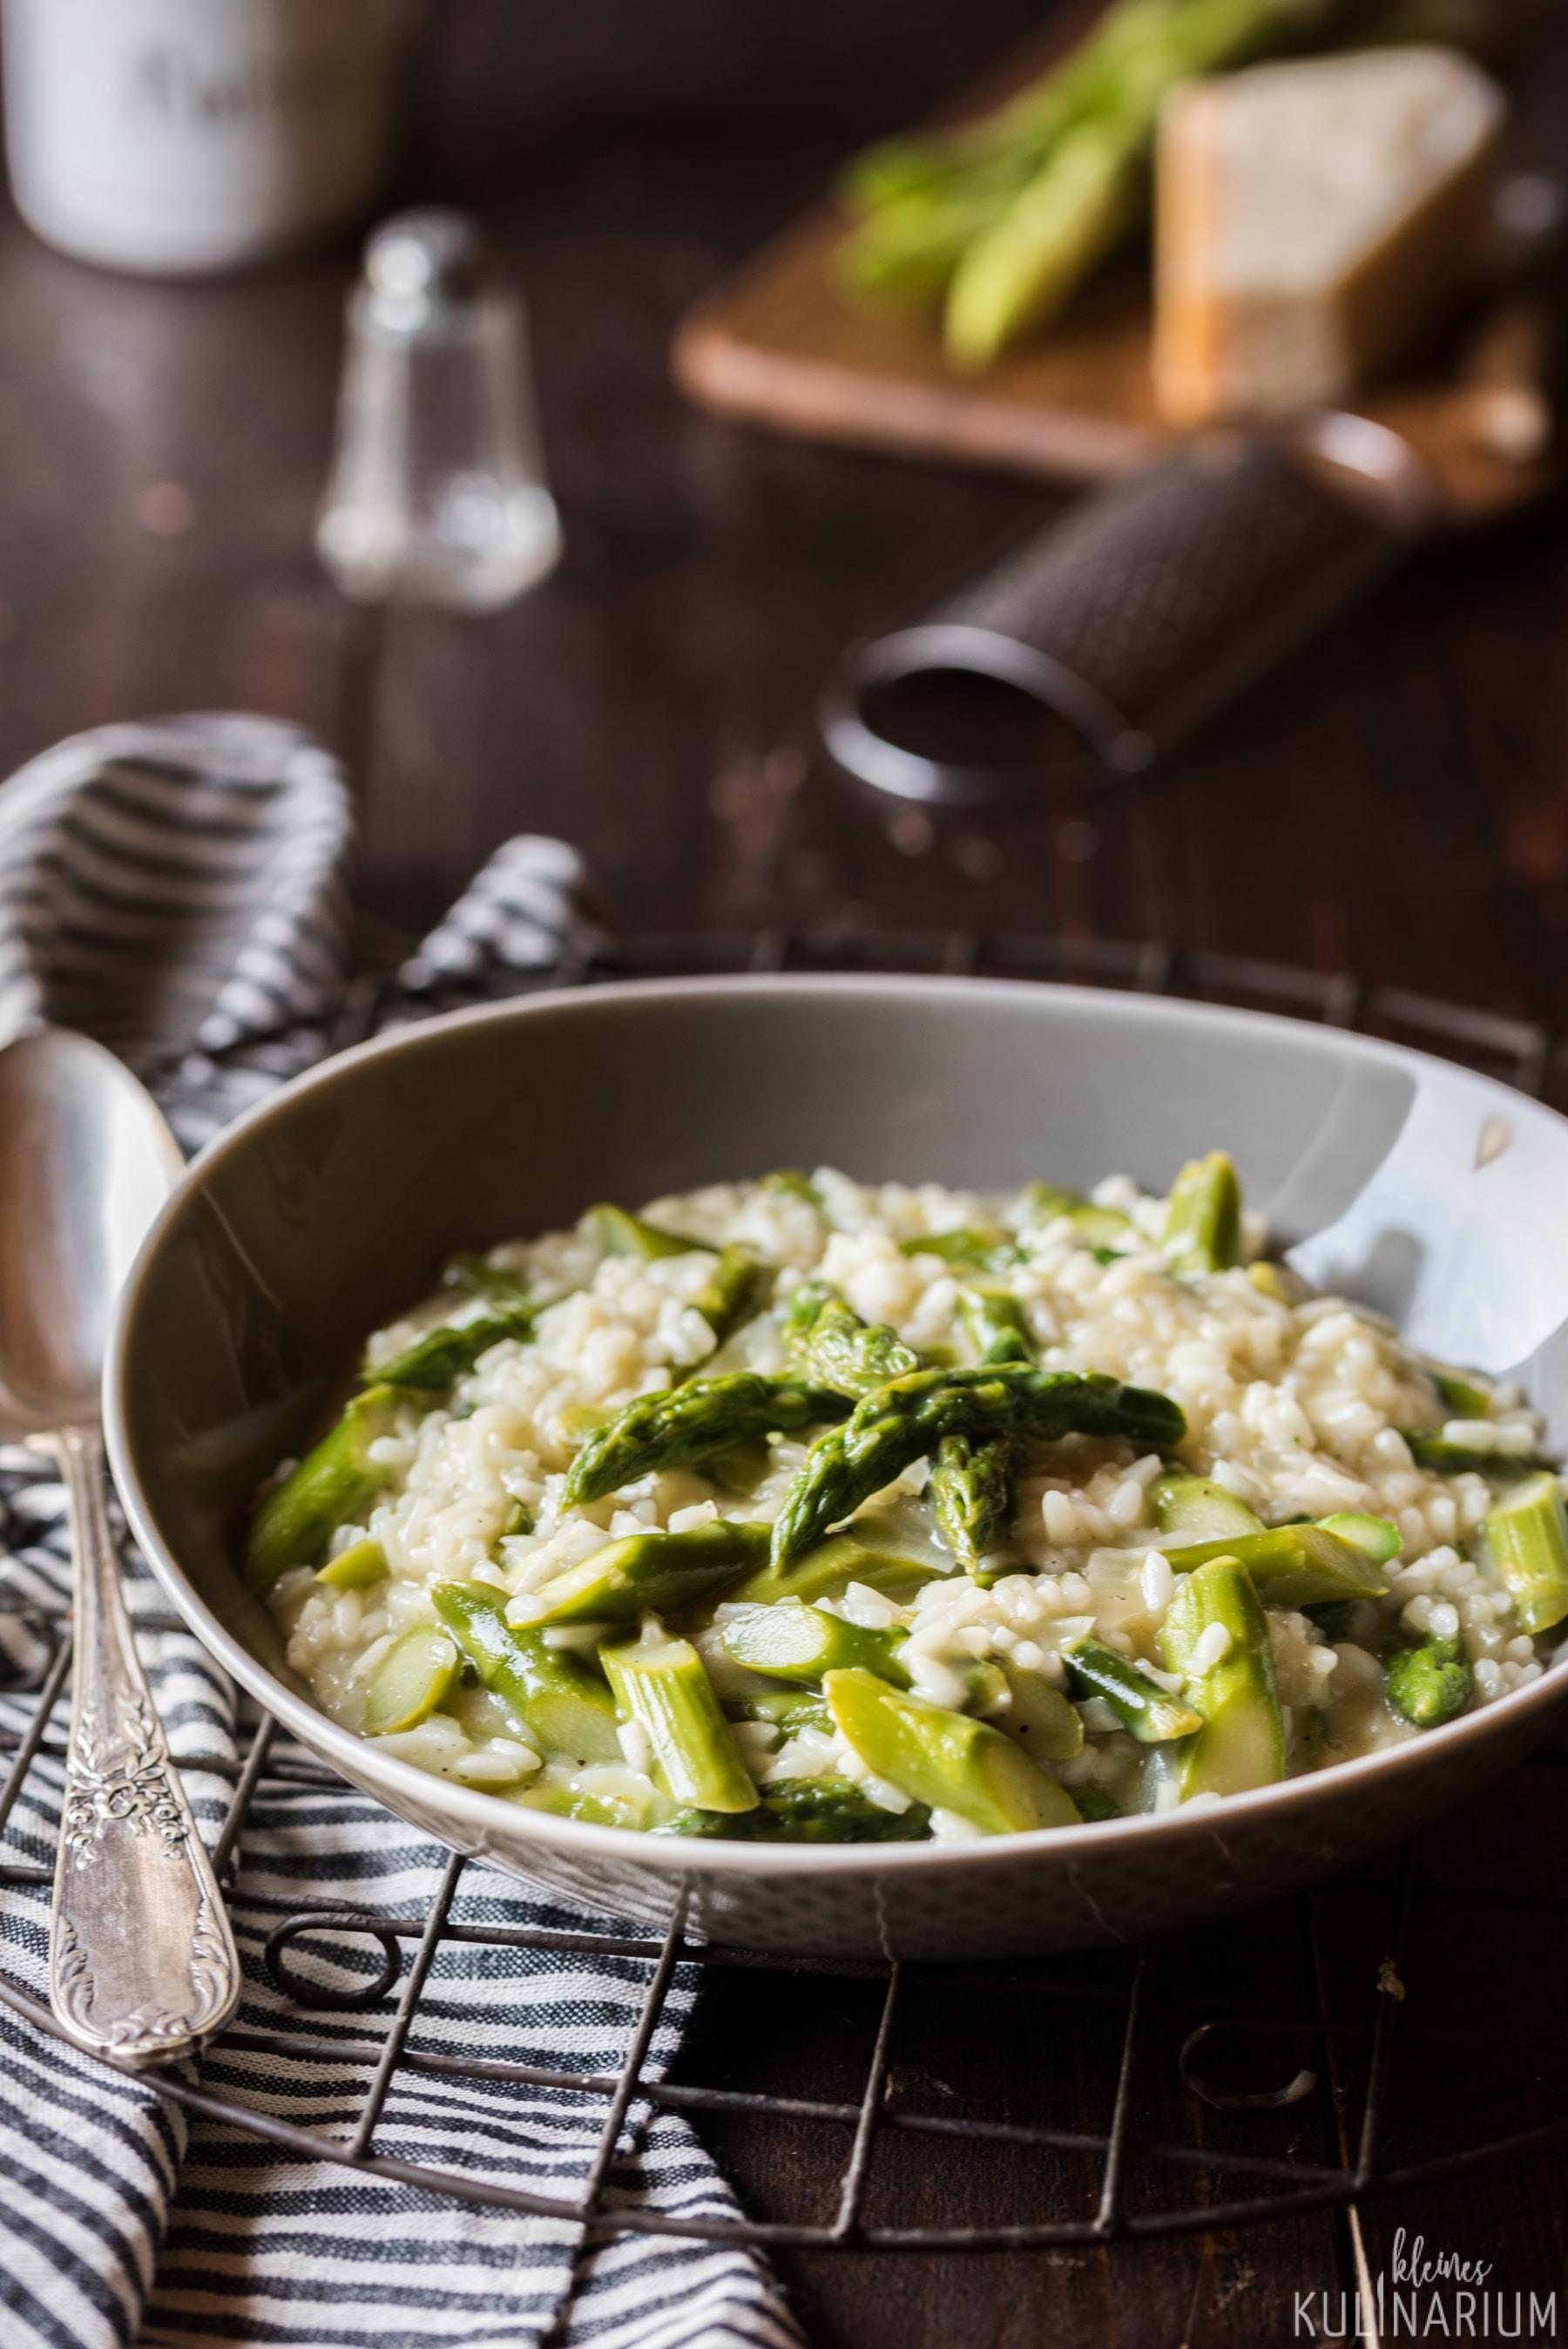 Spargelrisotto Risotto mit grünem Spargel - Kleines Kulinarium